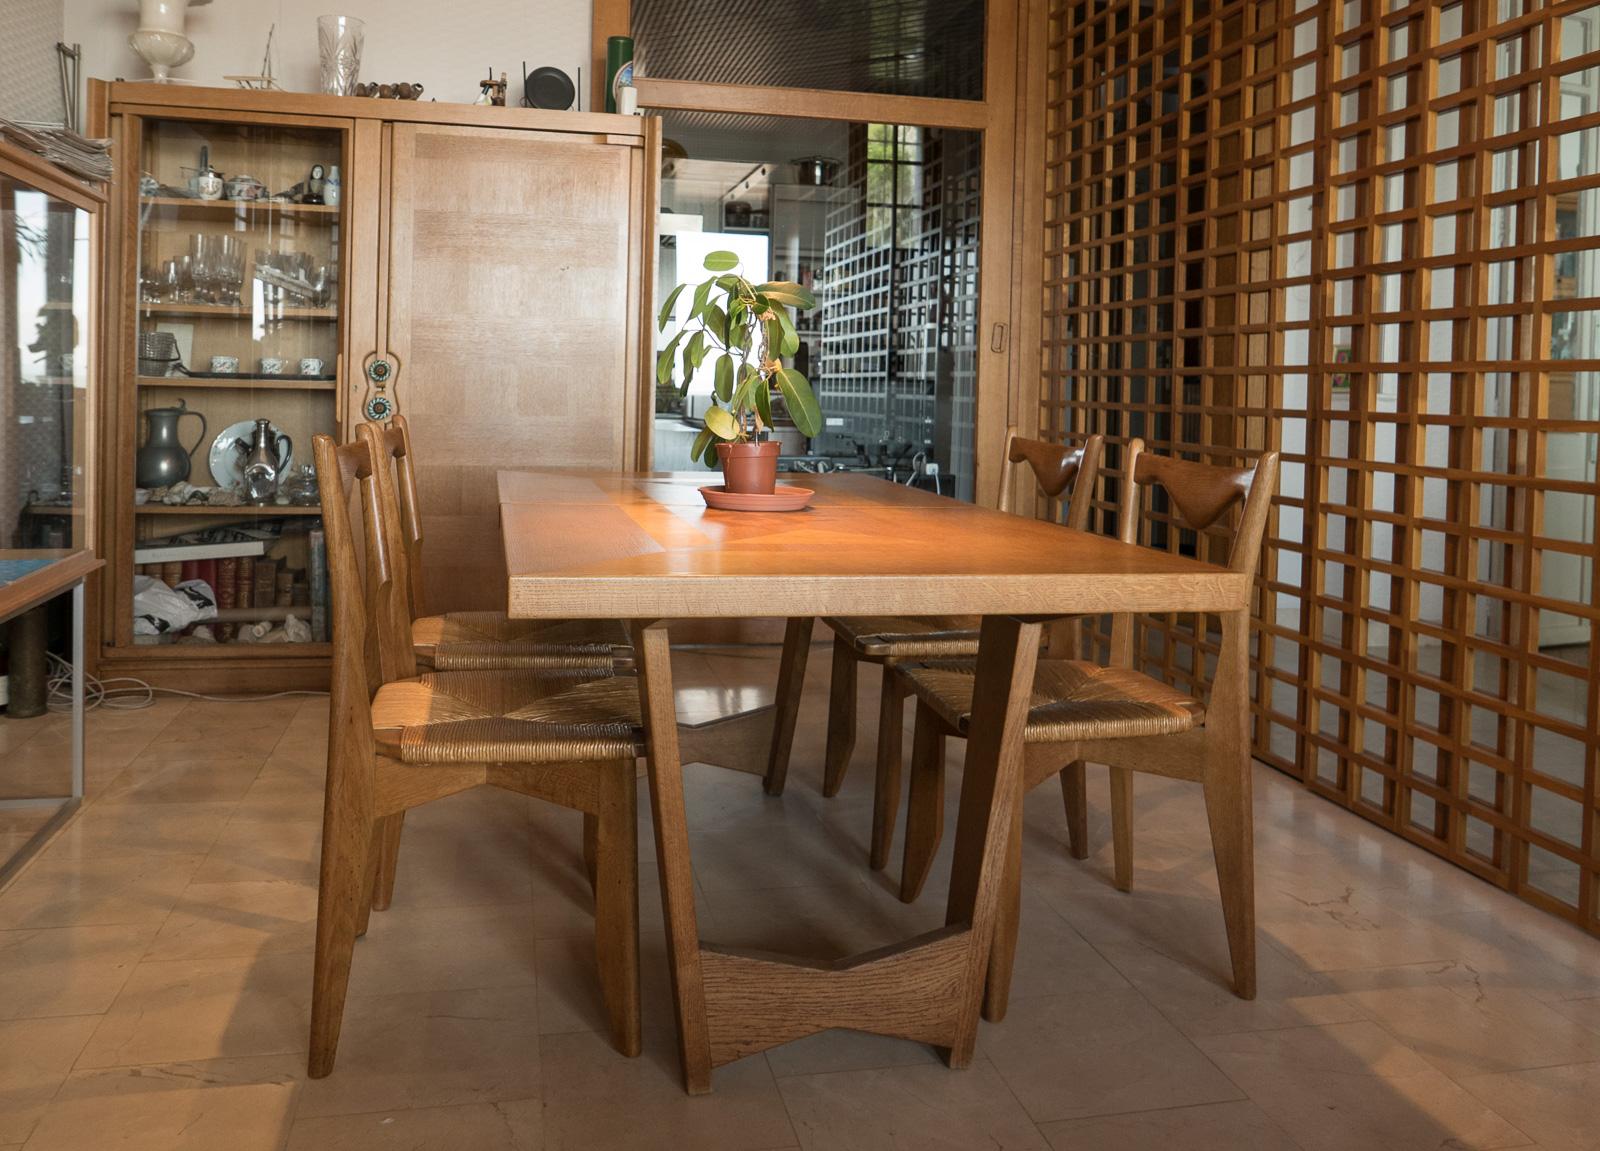 les meubles votre maison des designers guillerme et chambron interieurs votre maison. Black Bedroom Furniture Sets. Home Design Ideas